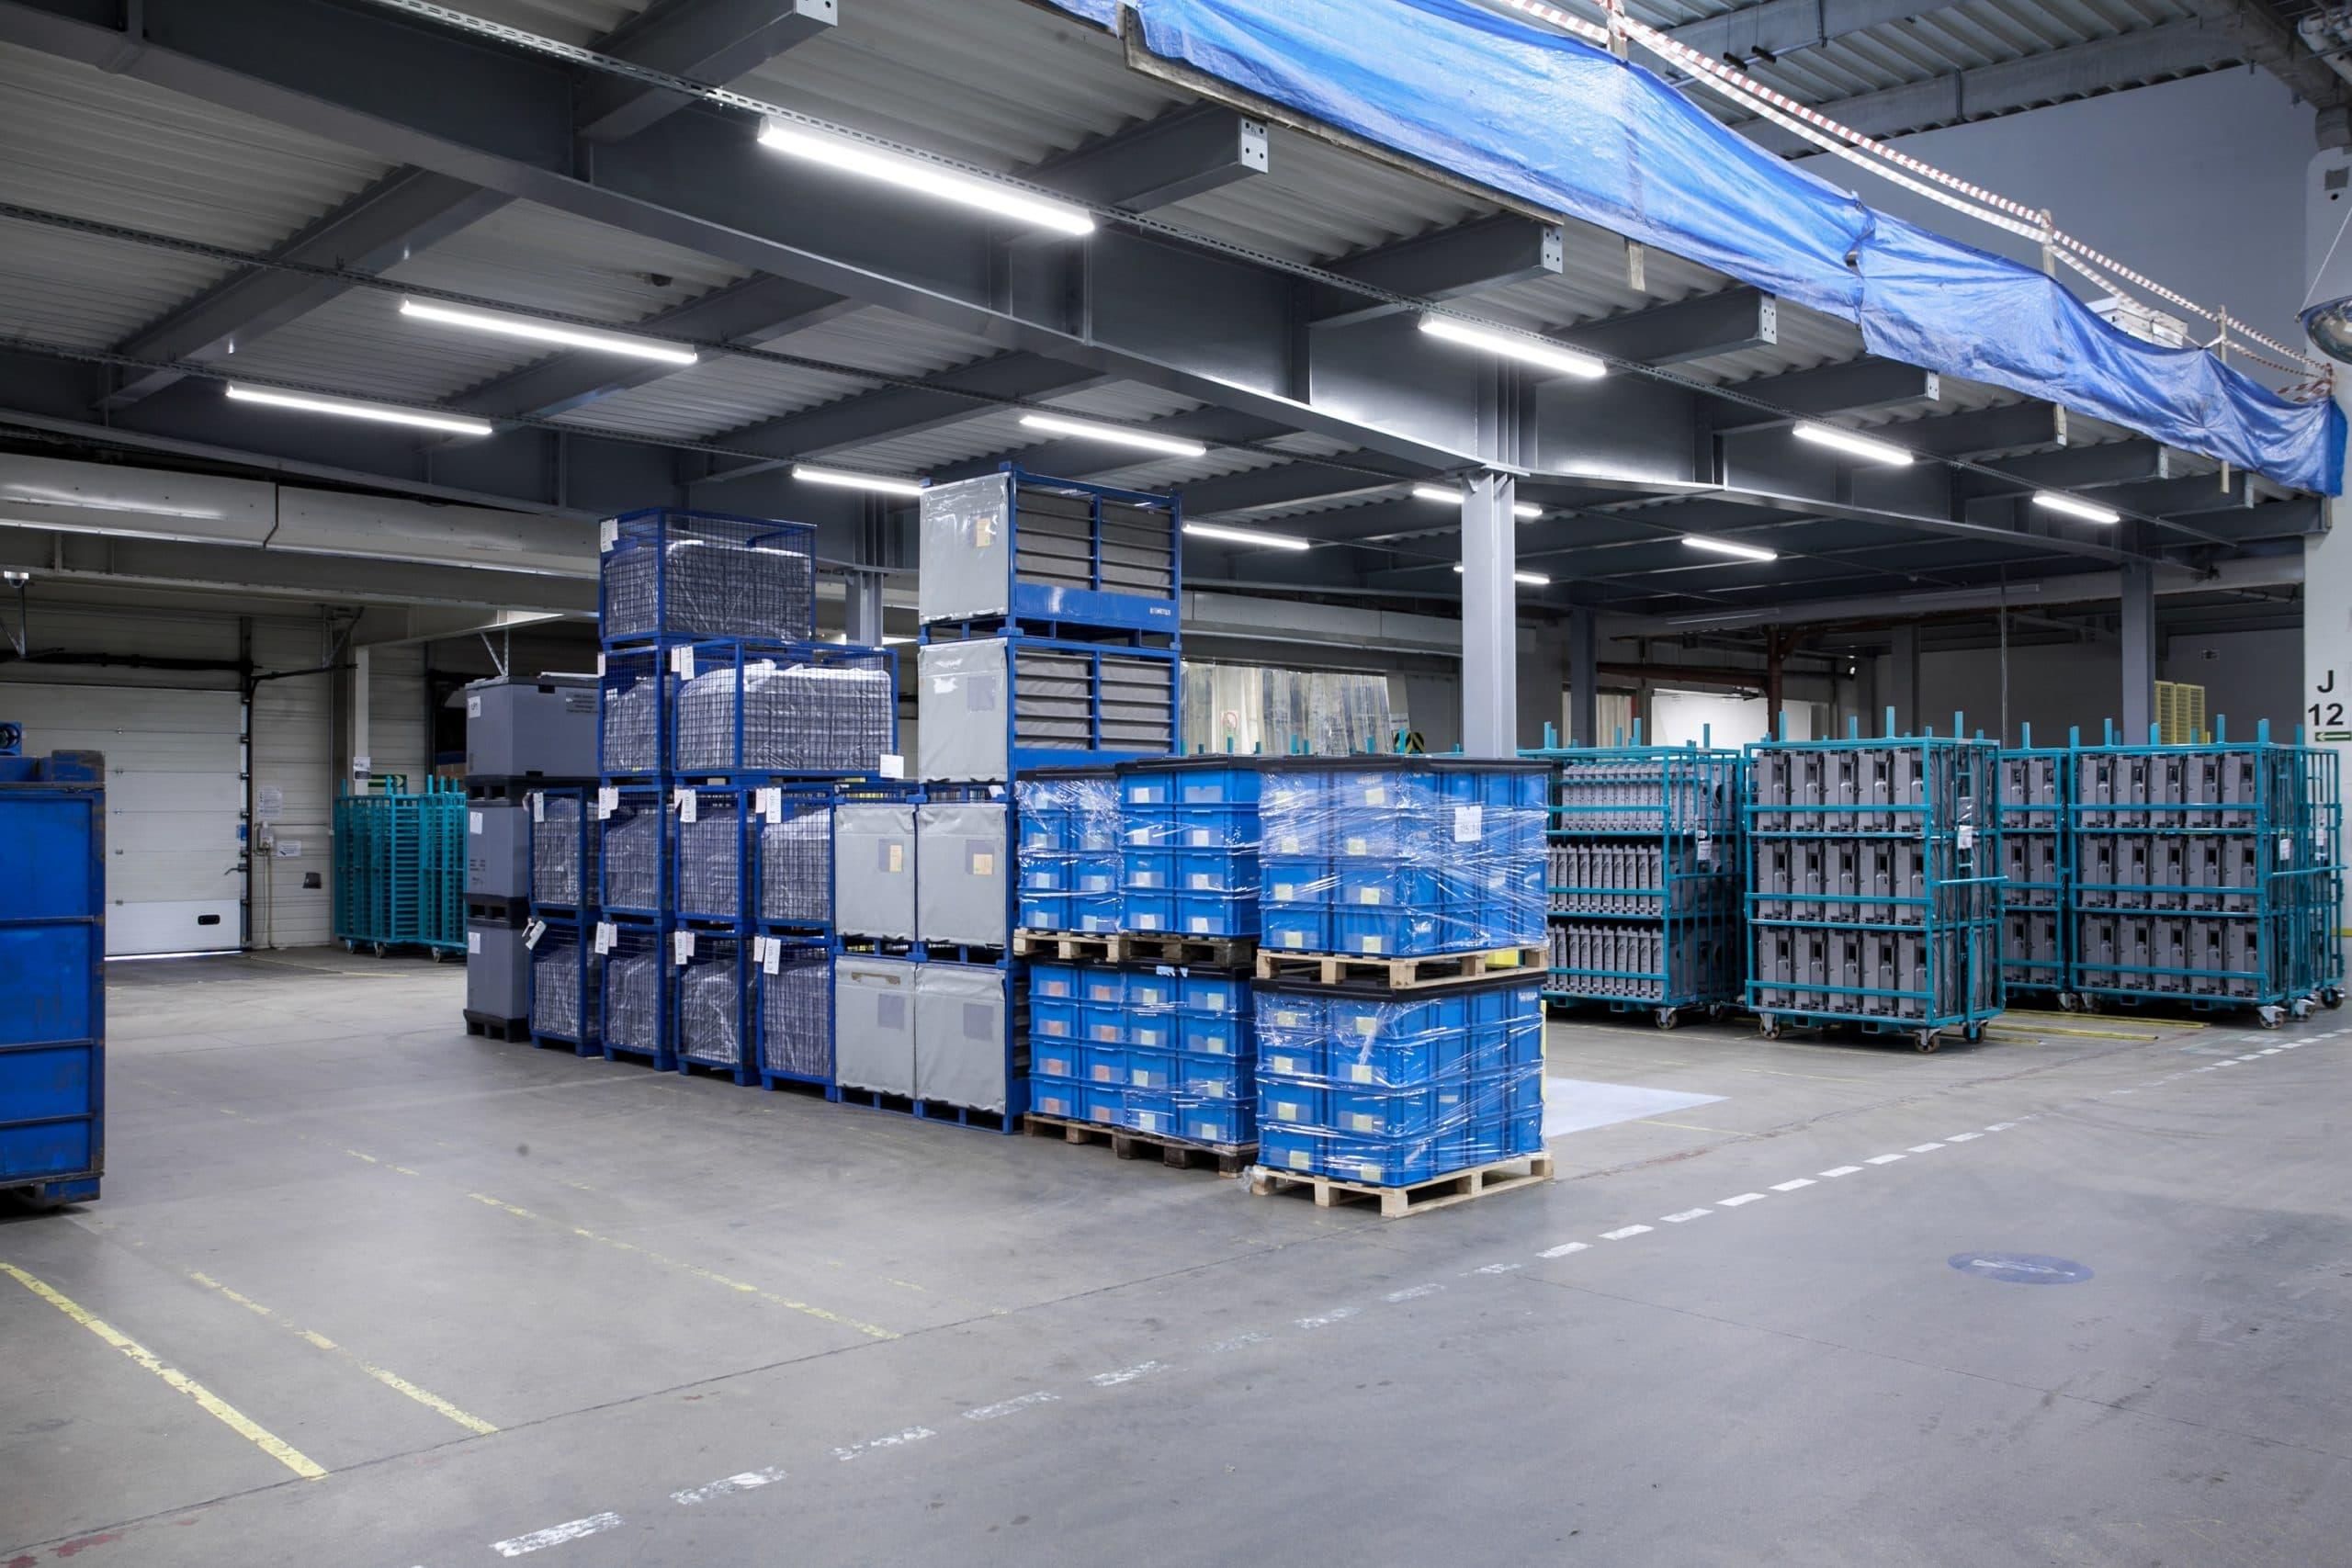 Oprawy przemysłowe Industrial w hali magazynowej firmy BSH - Luxon LED